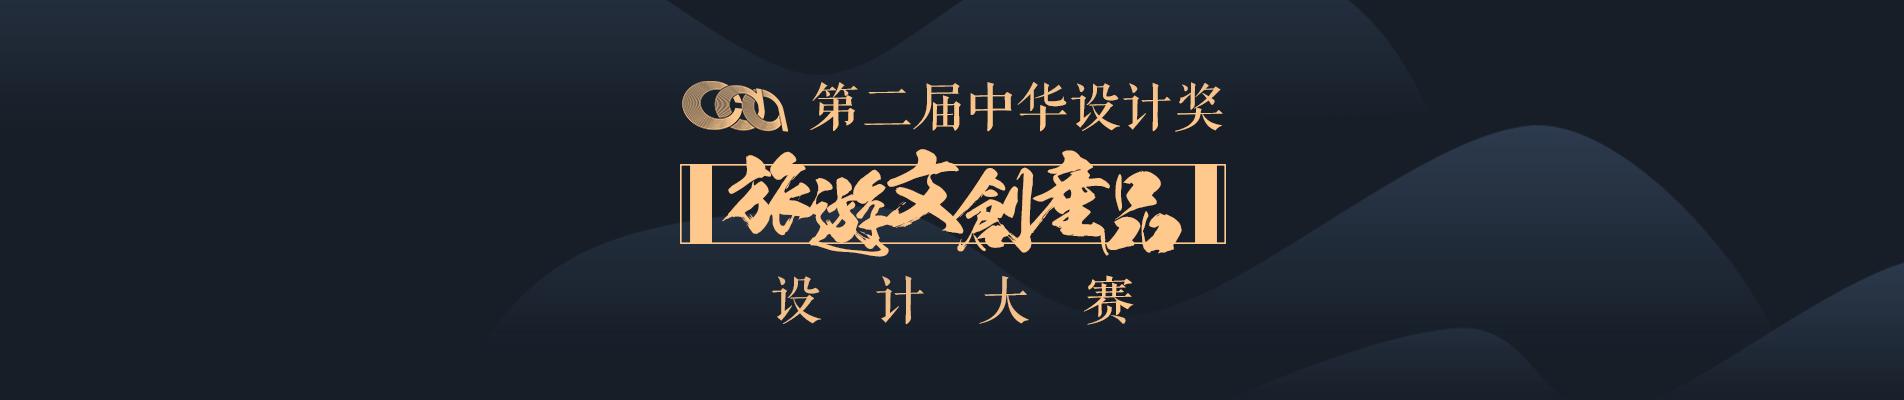 2018中华设计奖-旅游文创